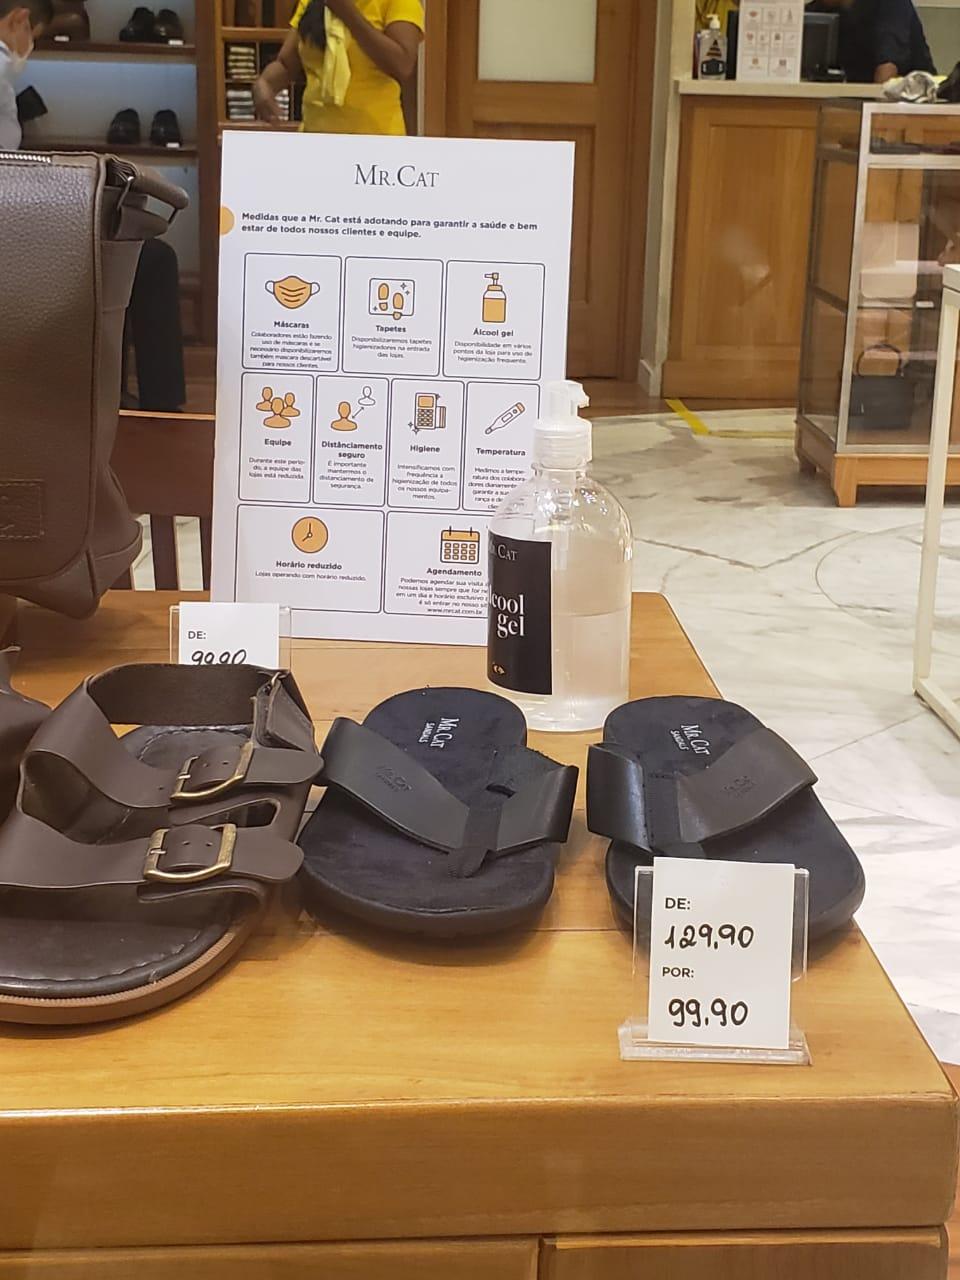 Shopping da Bahia: Mr Cat - sandália, de R$ 129,90 por R$ 99,90 (23% de desconto)